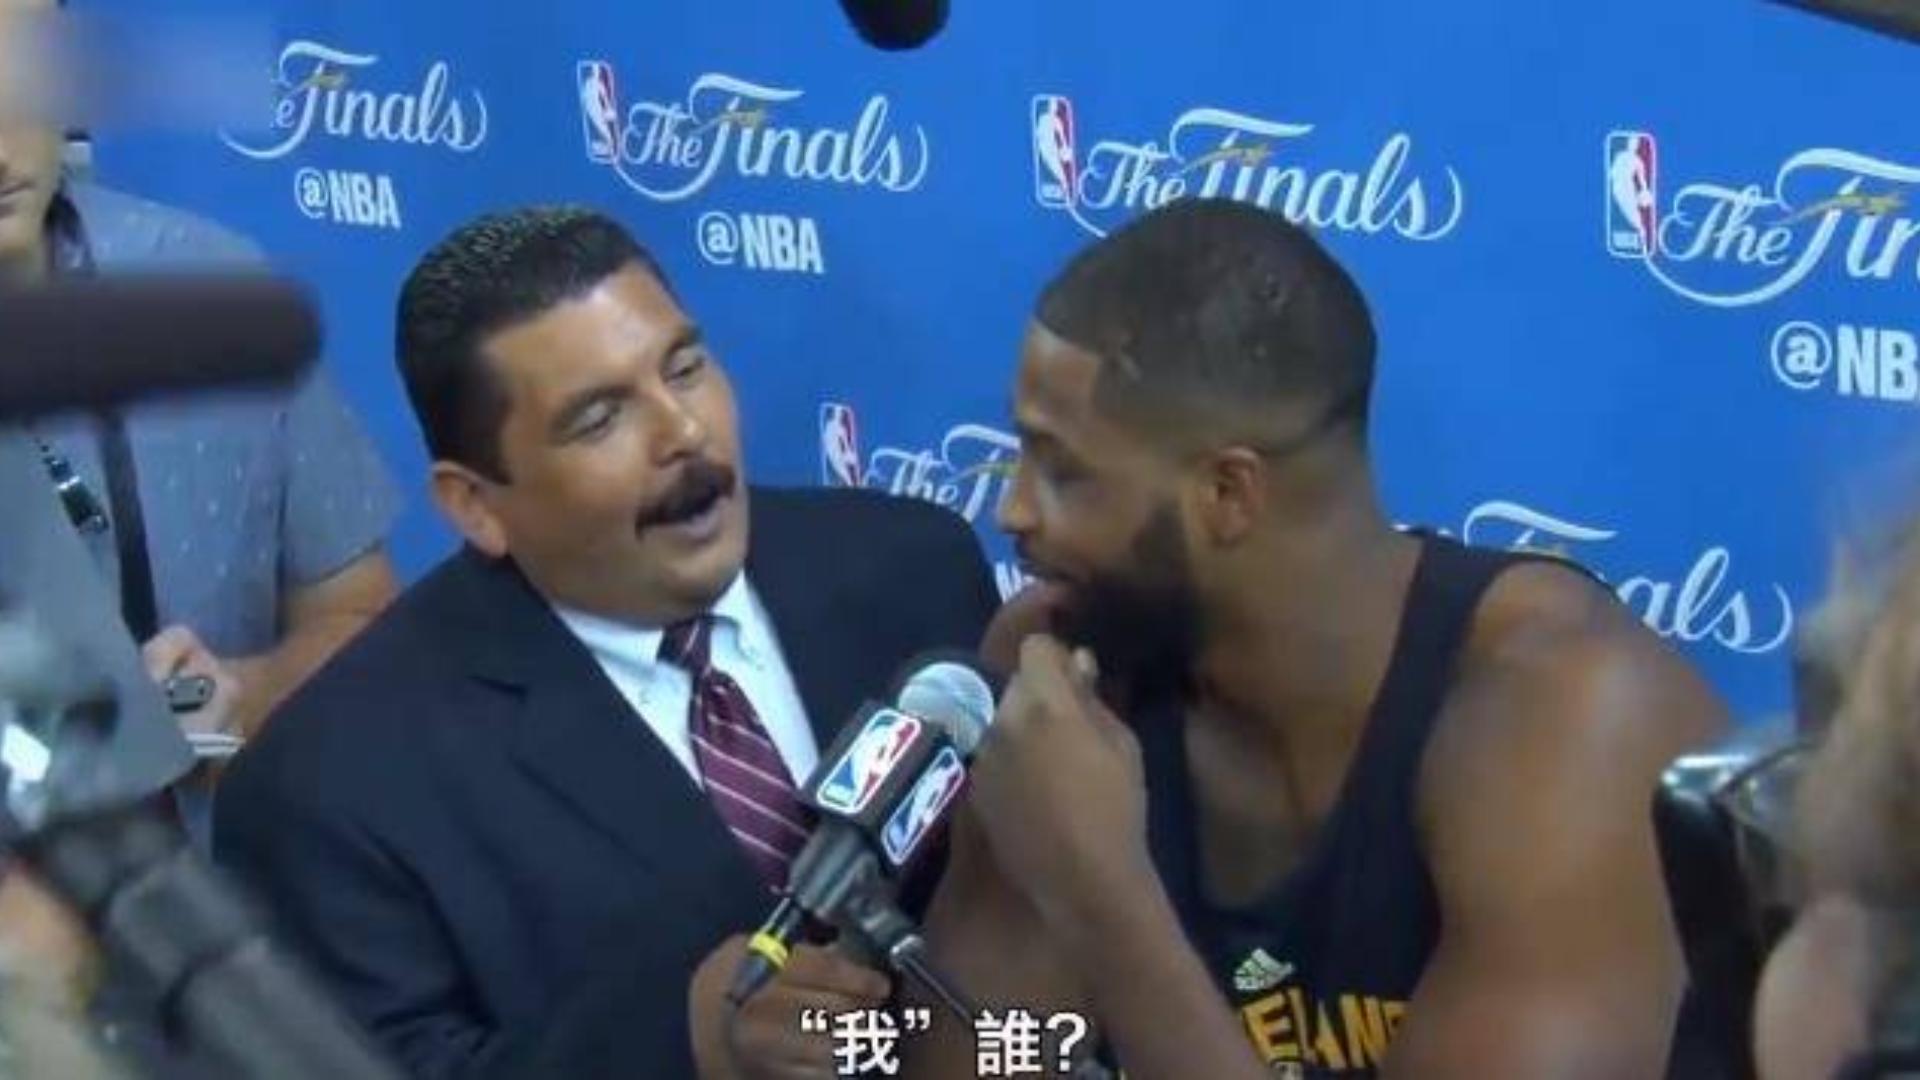 史上最搞笑的体育运动记者Guillermo搞笑探访2016年NBA总决赛媒体日